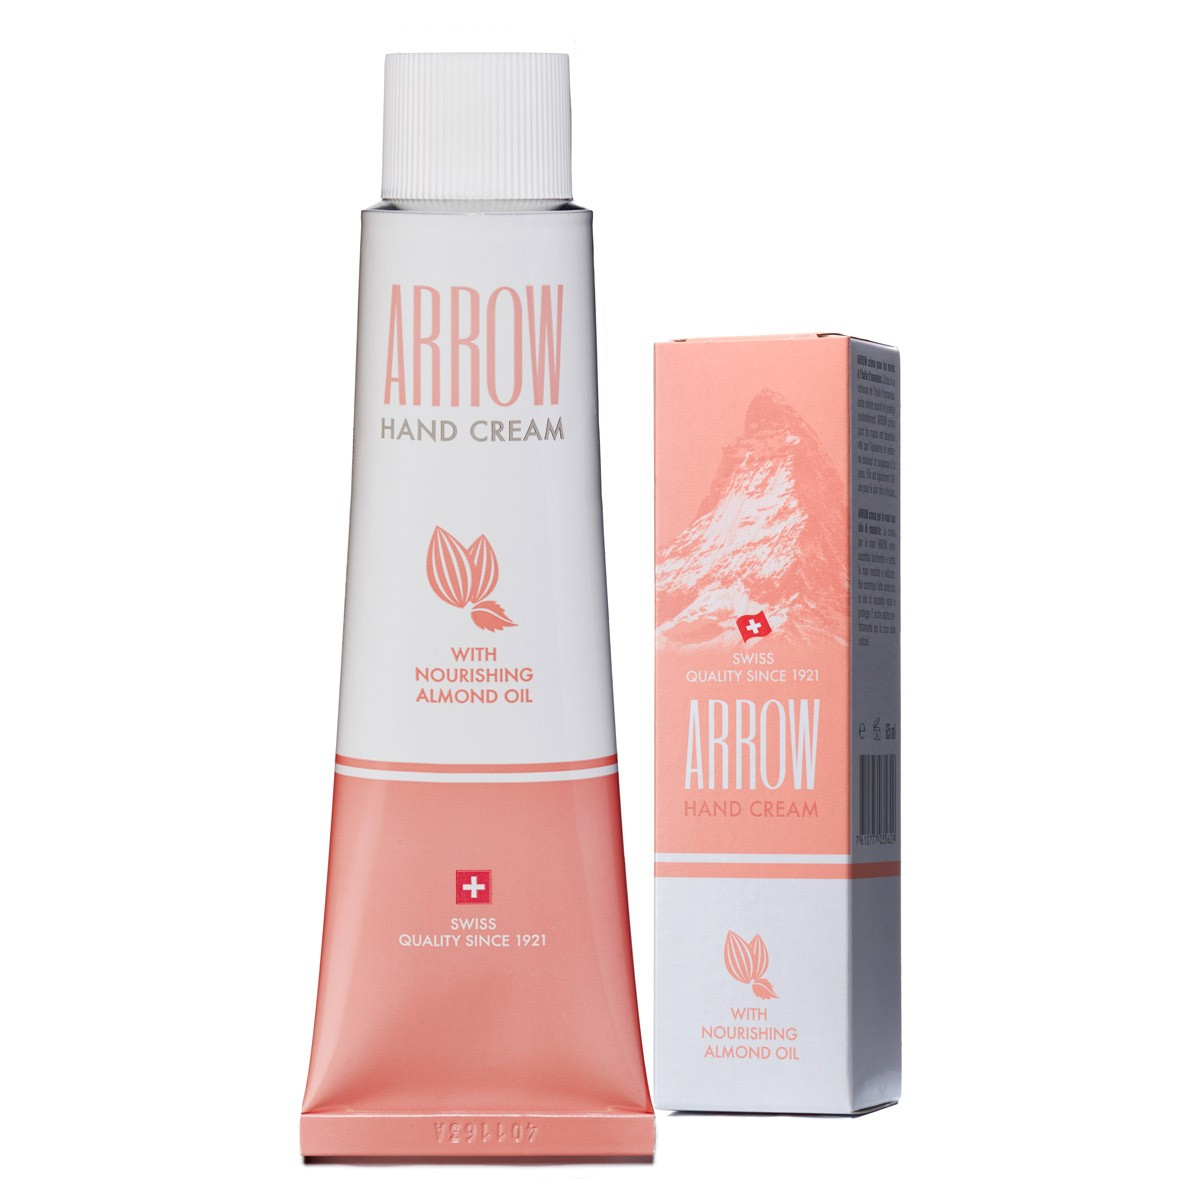 Arrow - Hand Cream with Almond Oil (65 ML)